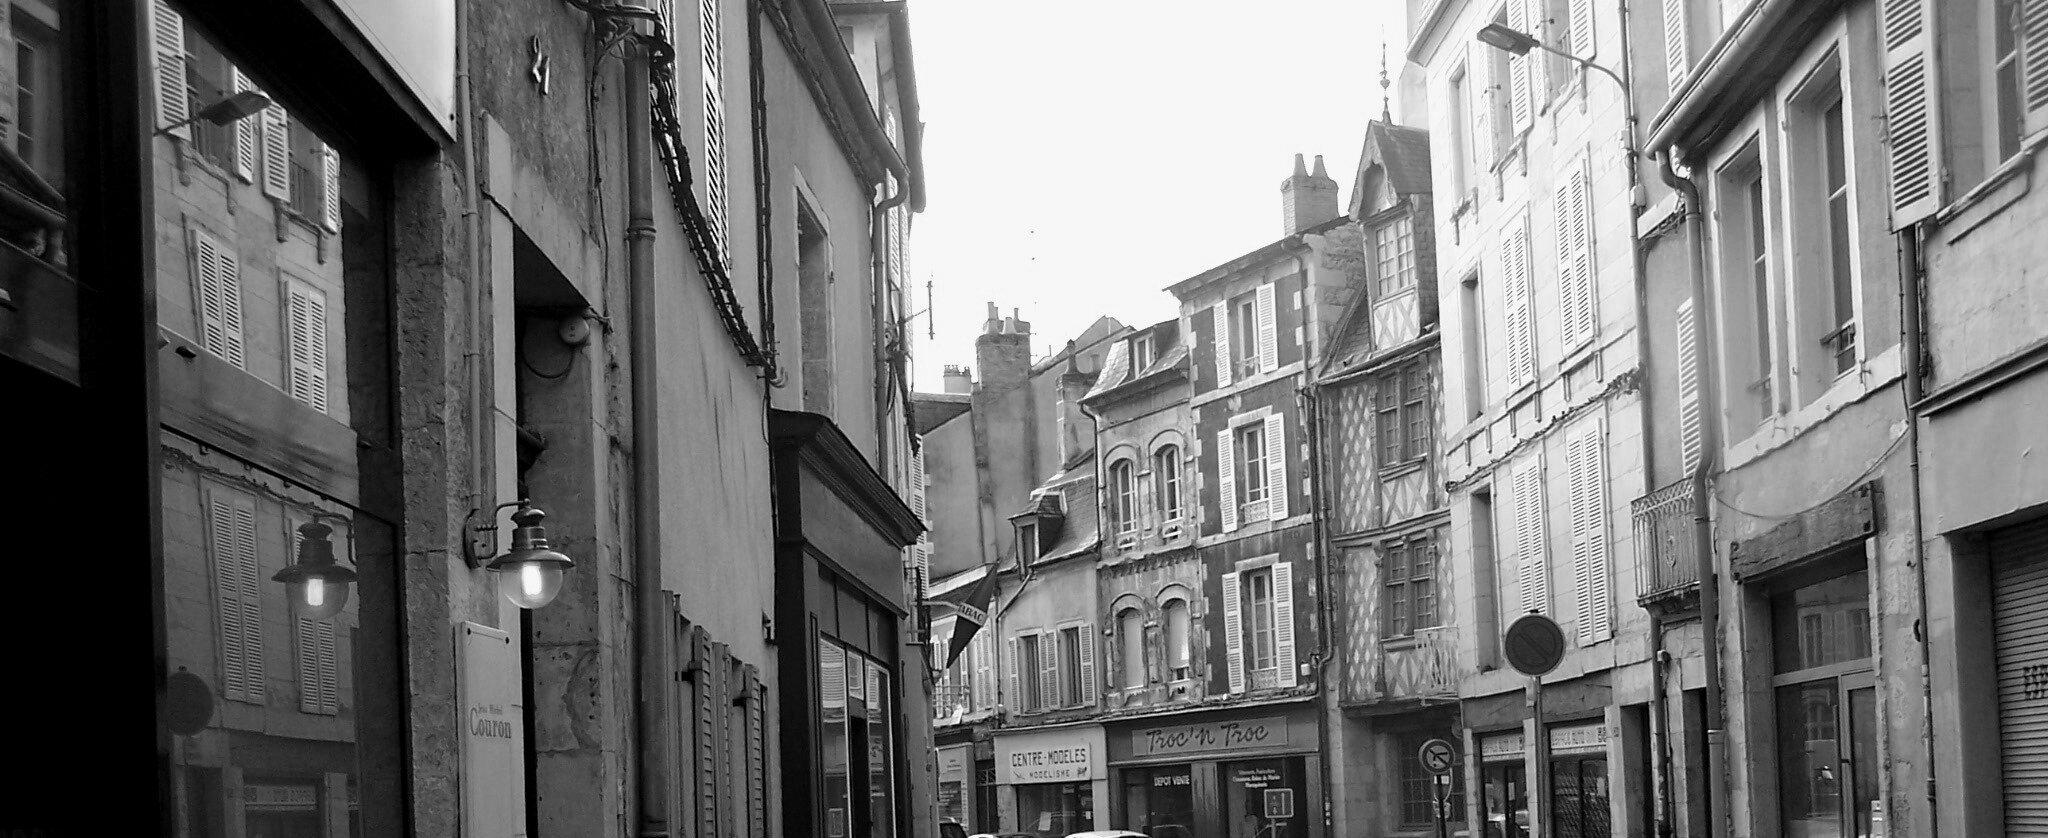 rue st etienne retour vers le commissariat - Copie - Copie